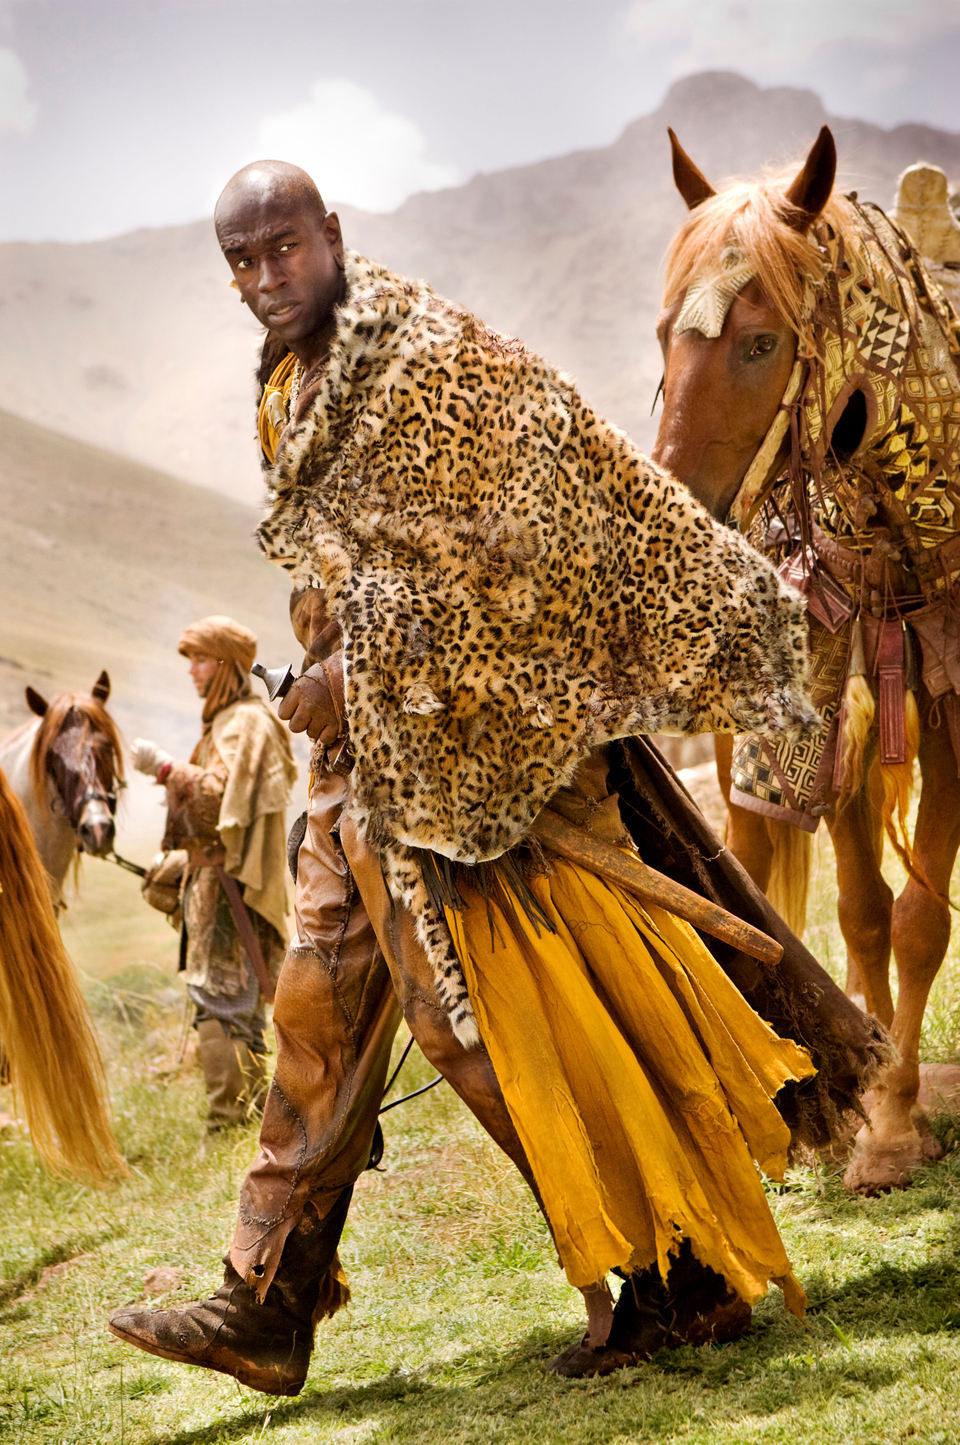 Prince of Persia: las arenas del tiempo, fotograma 23 de 47